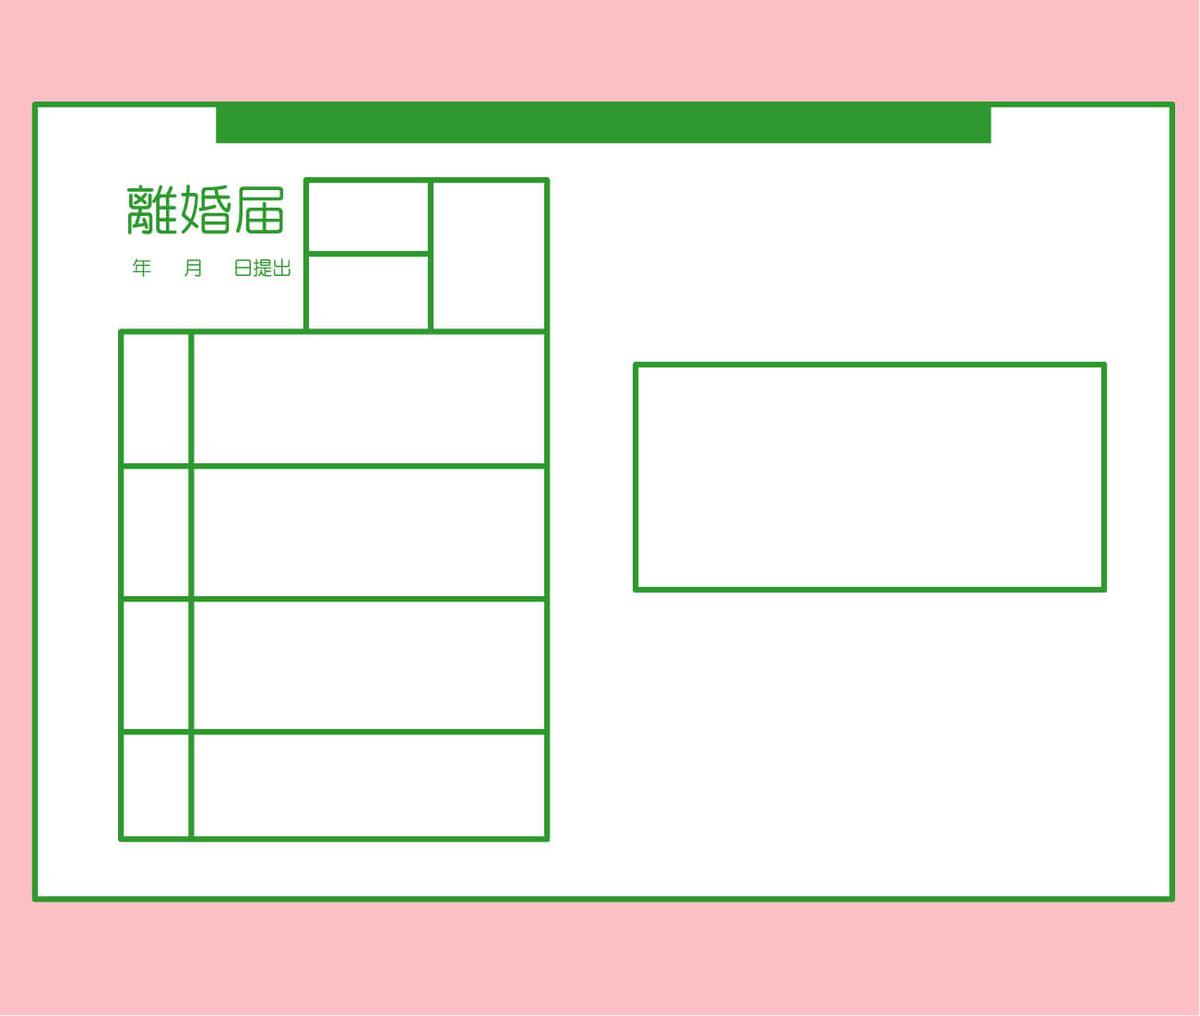 f:id:aniki-ken:20210208175457j:plain